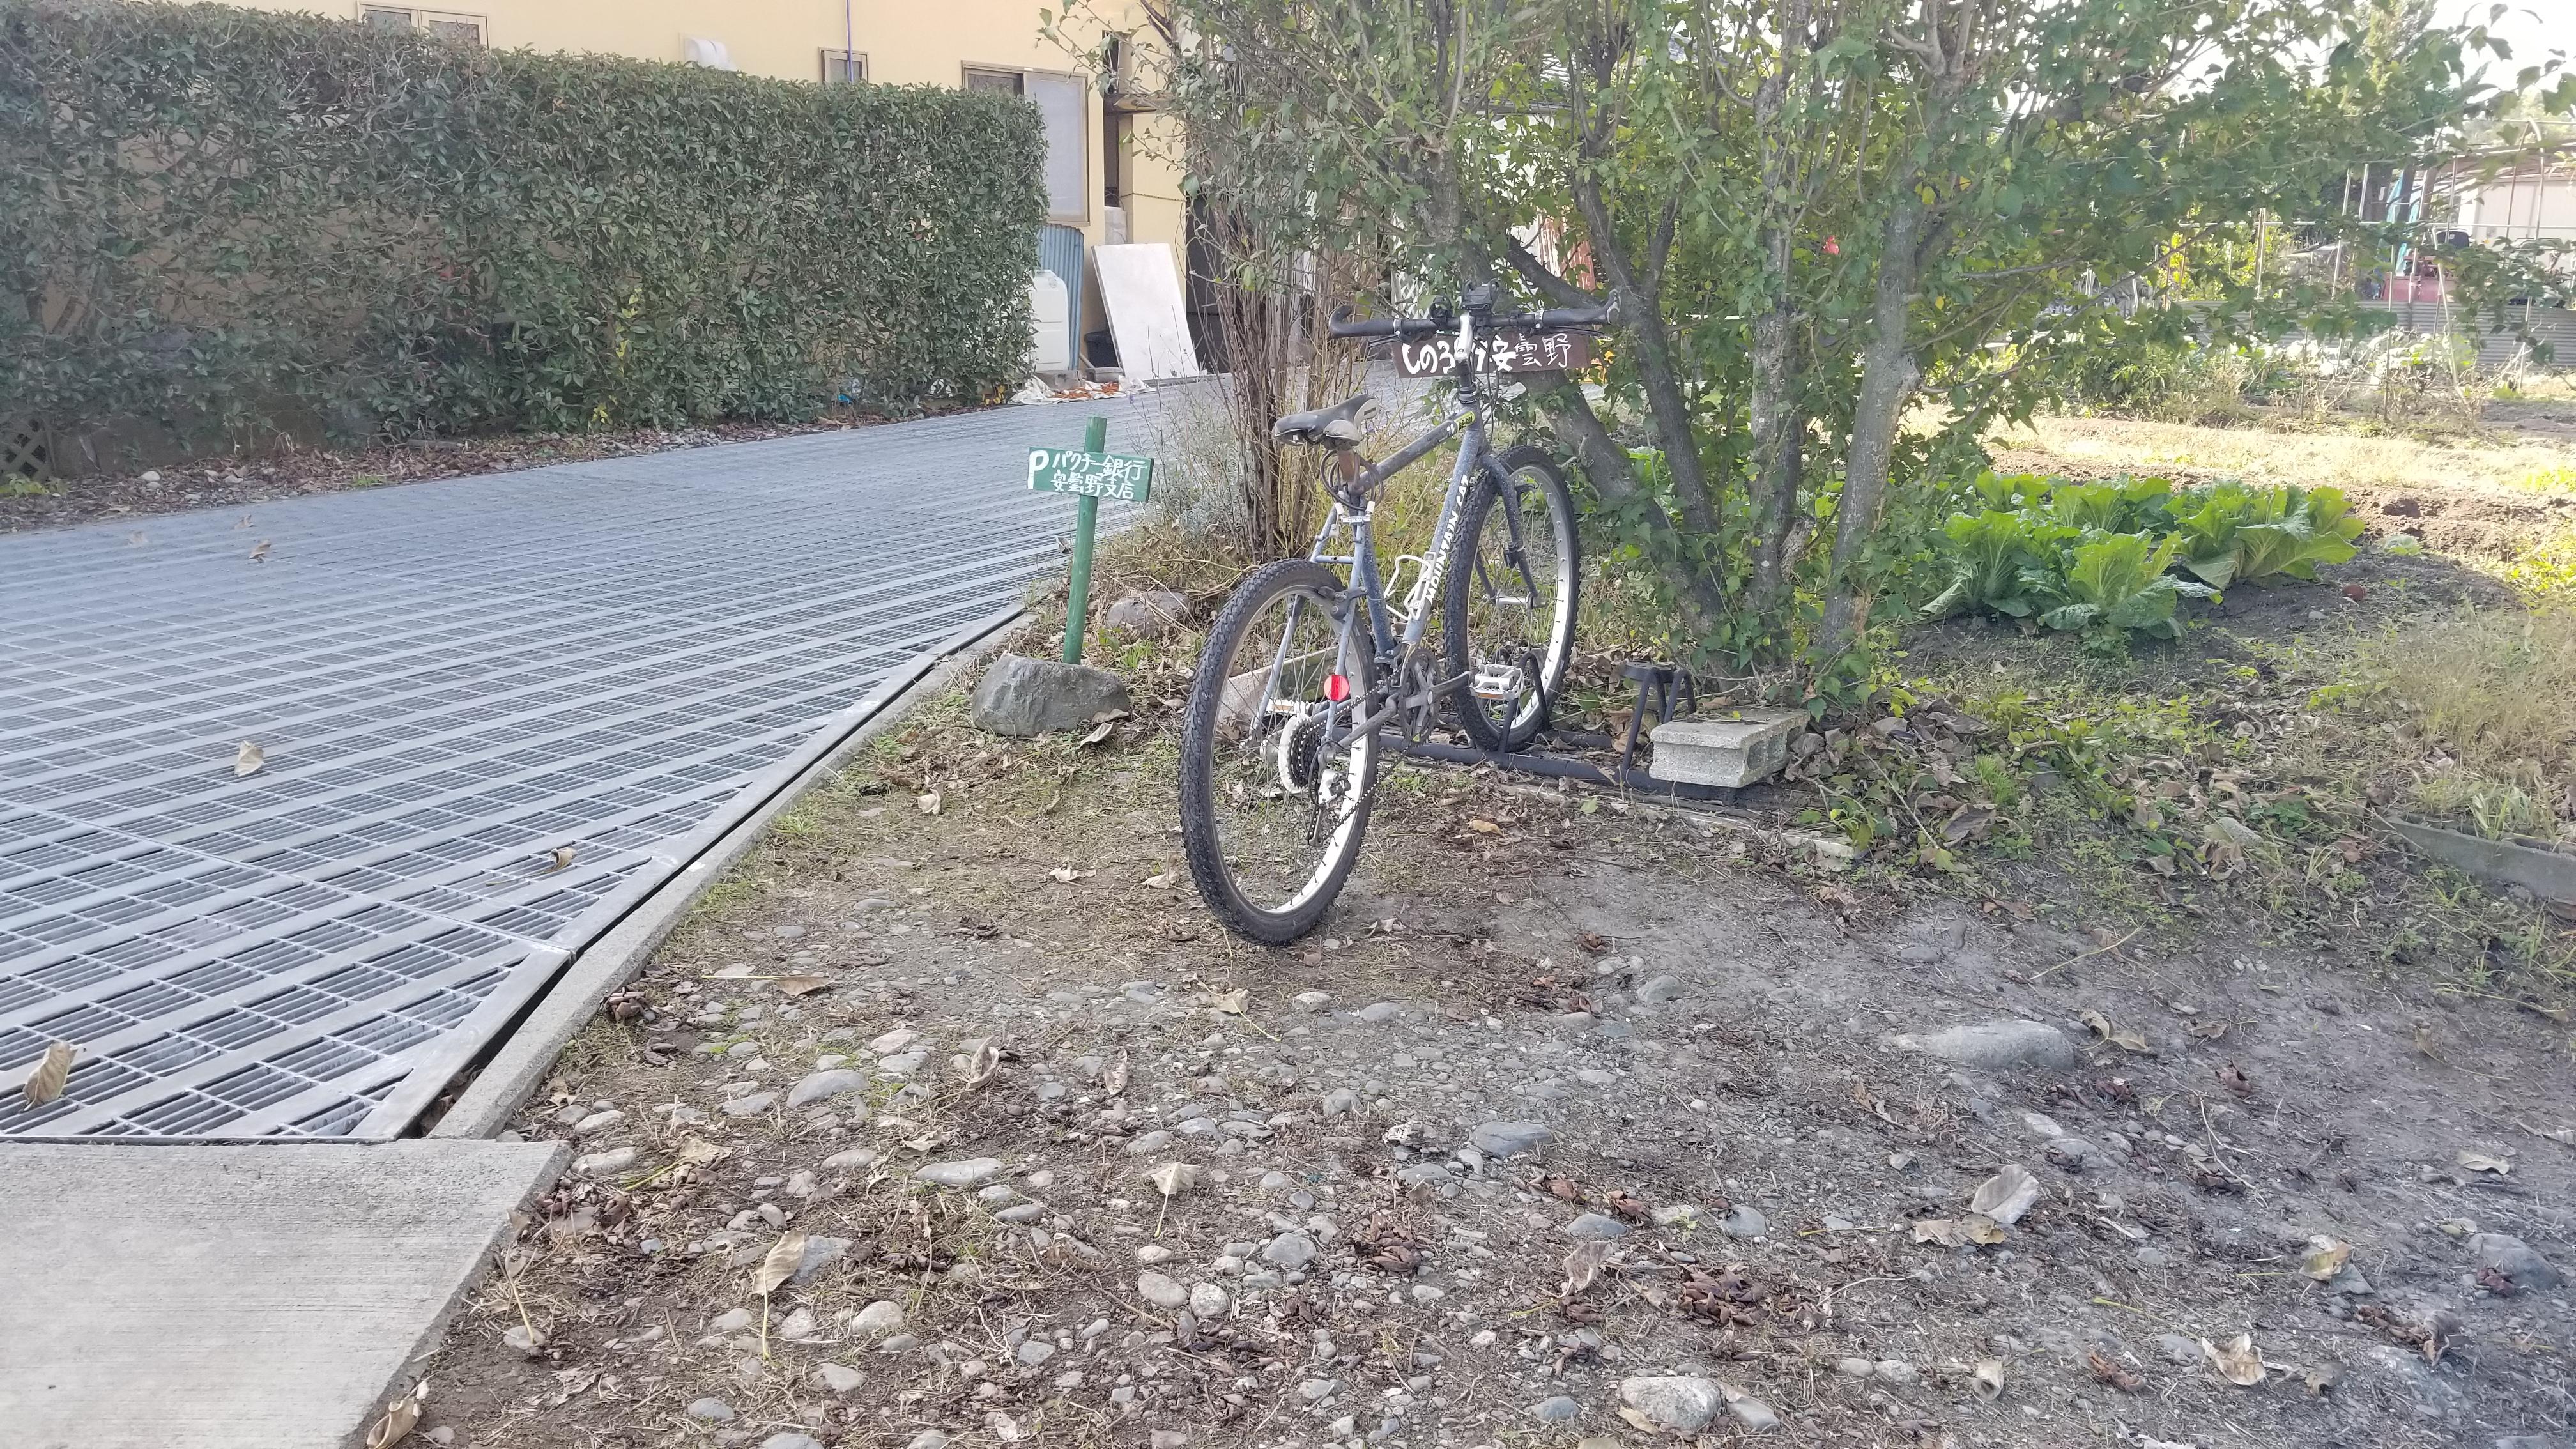 サイクルスタンド6台分あります。 積んできた愛車に乗ってあづみ野やまびこ自転道(全長約15Km)を気持ちよくサイクリング